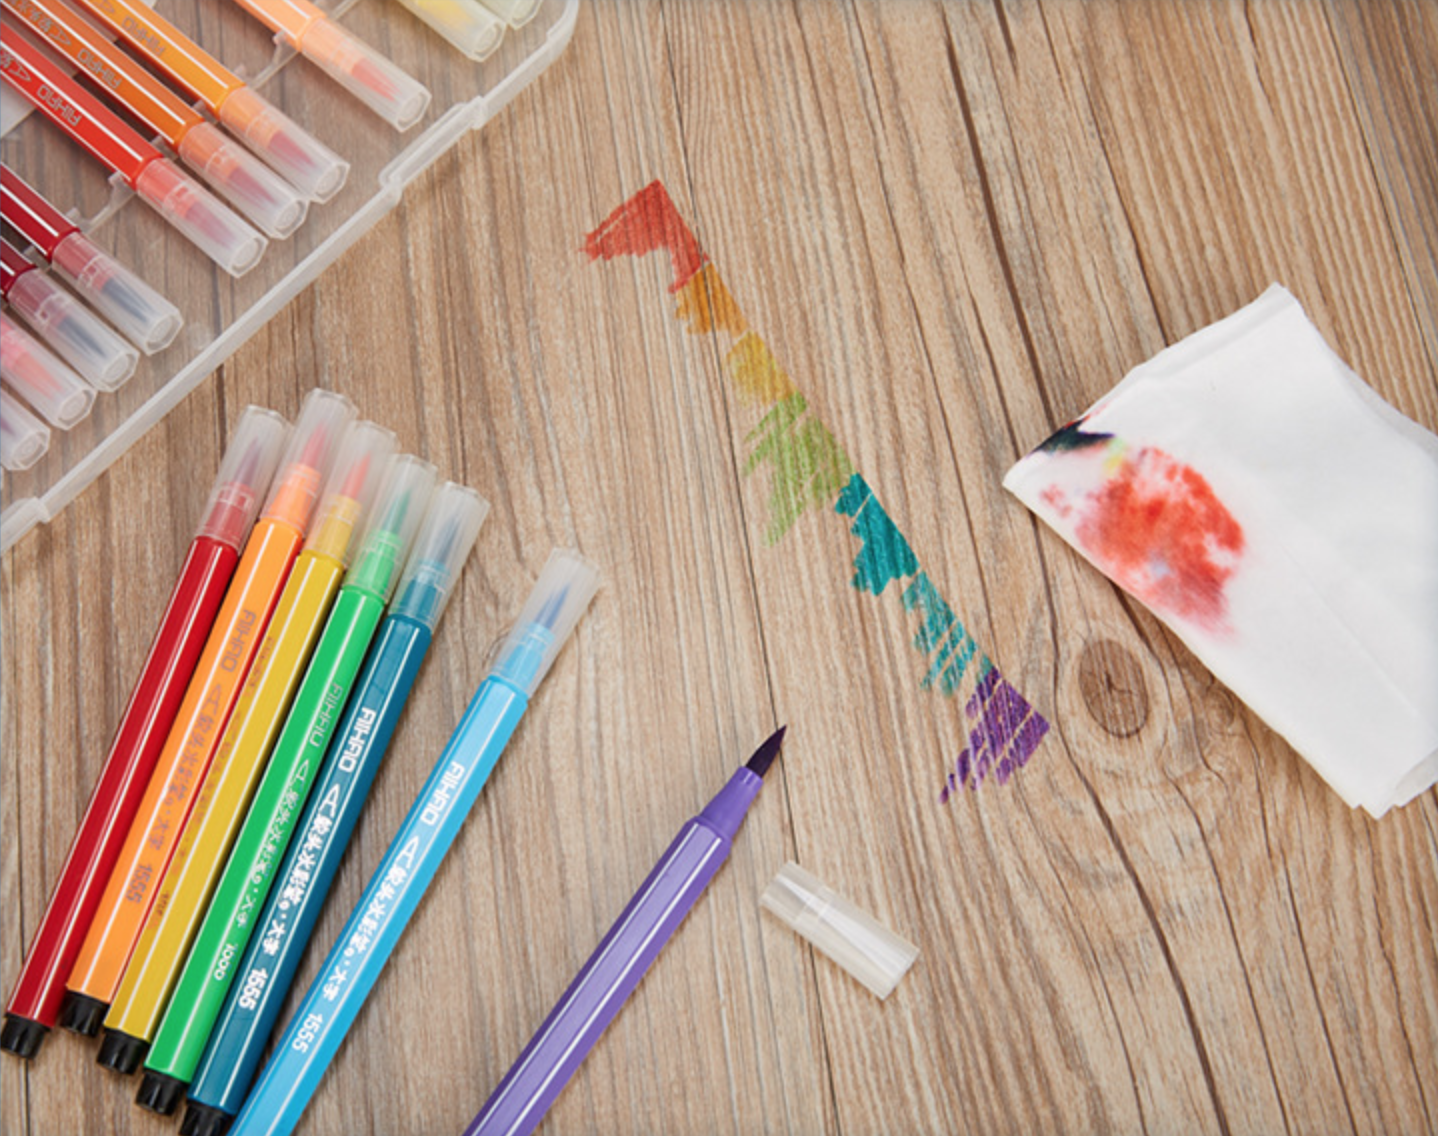 12 Watercolor Children Marker